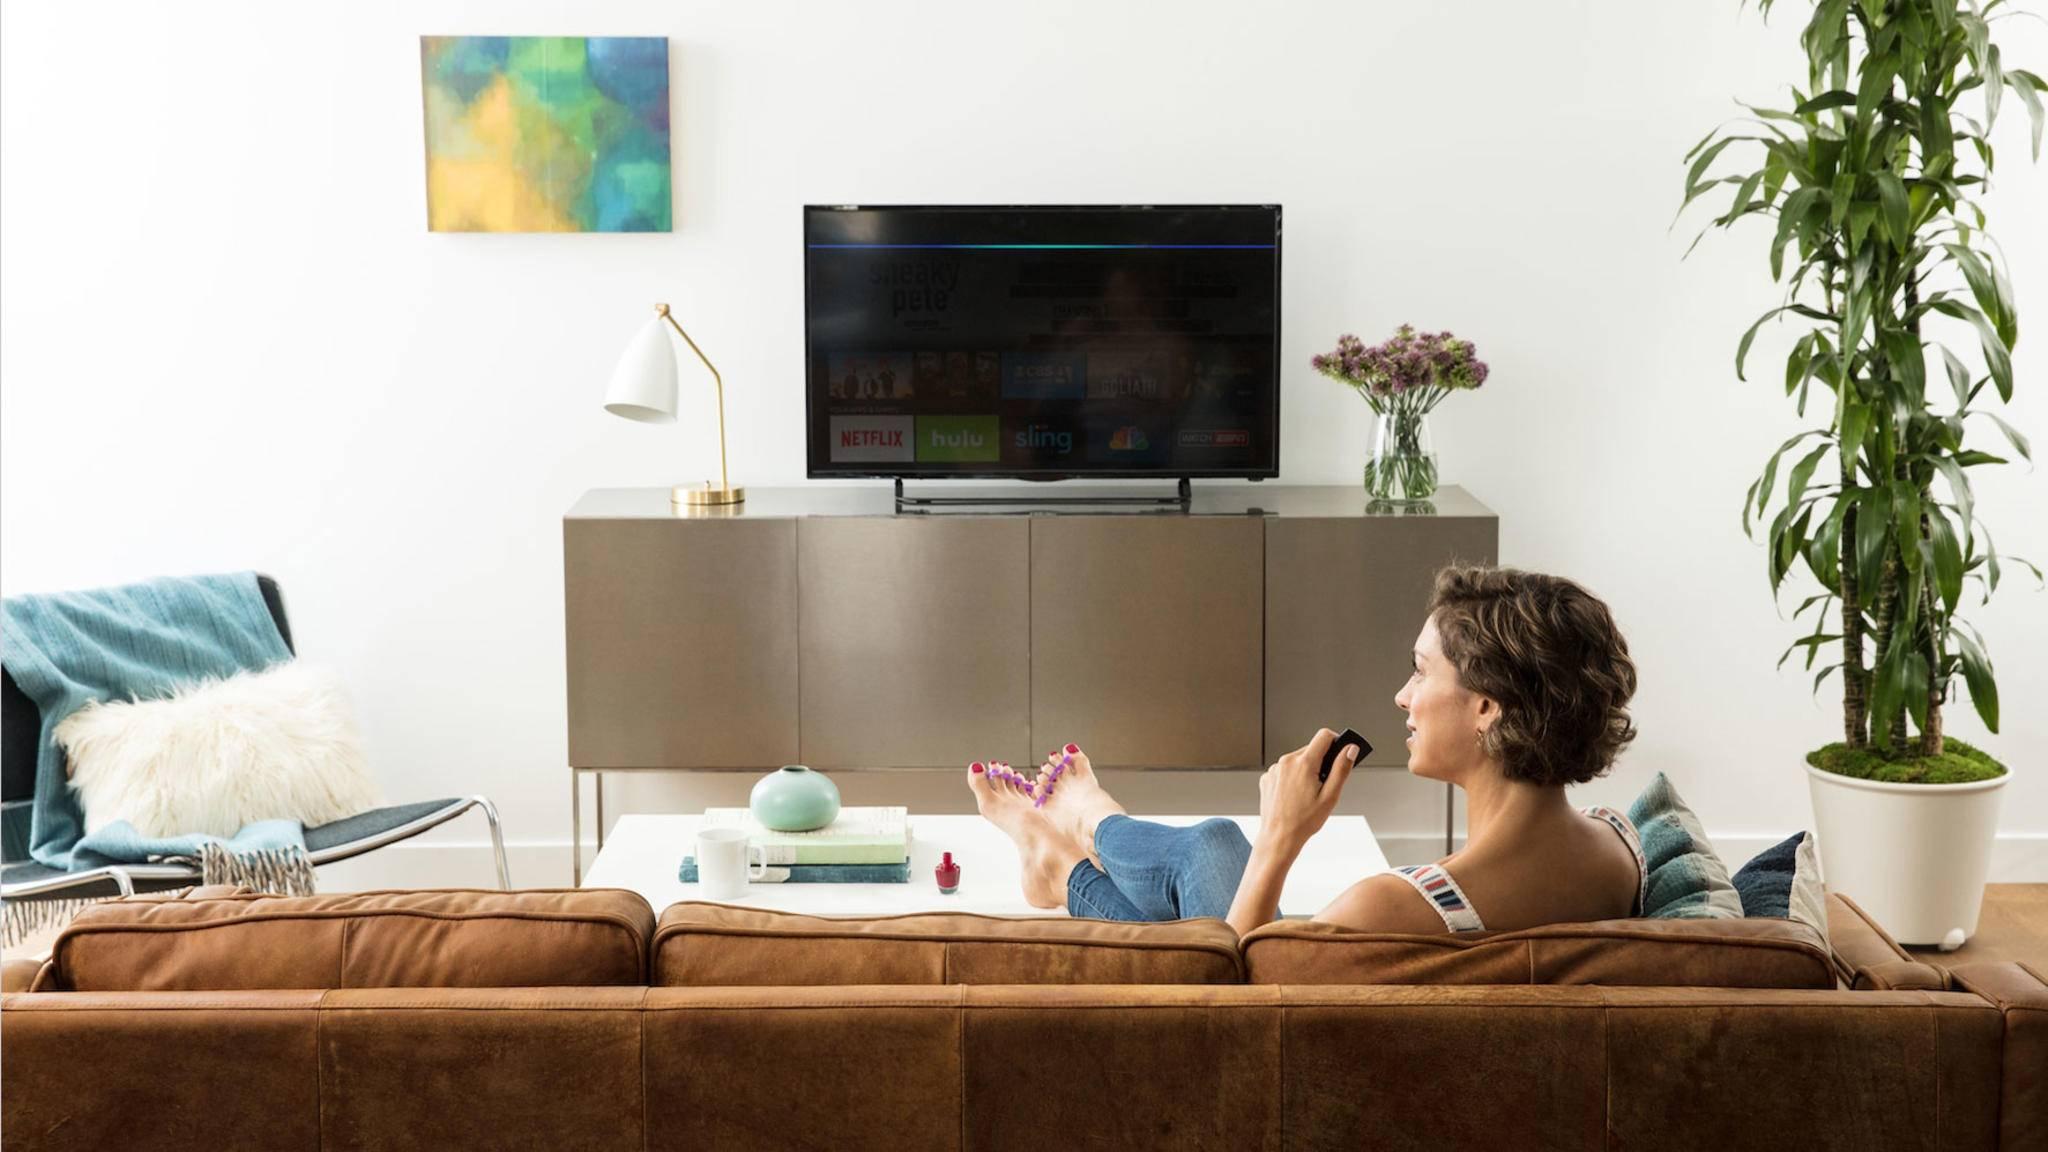 Amazon bringt zahlreiche neue Fernseher, eine Soundbar und eine Streaming-Box auf den Markt.